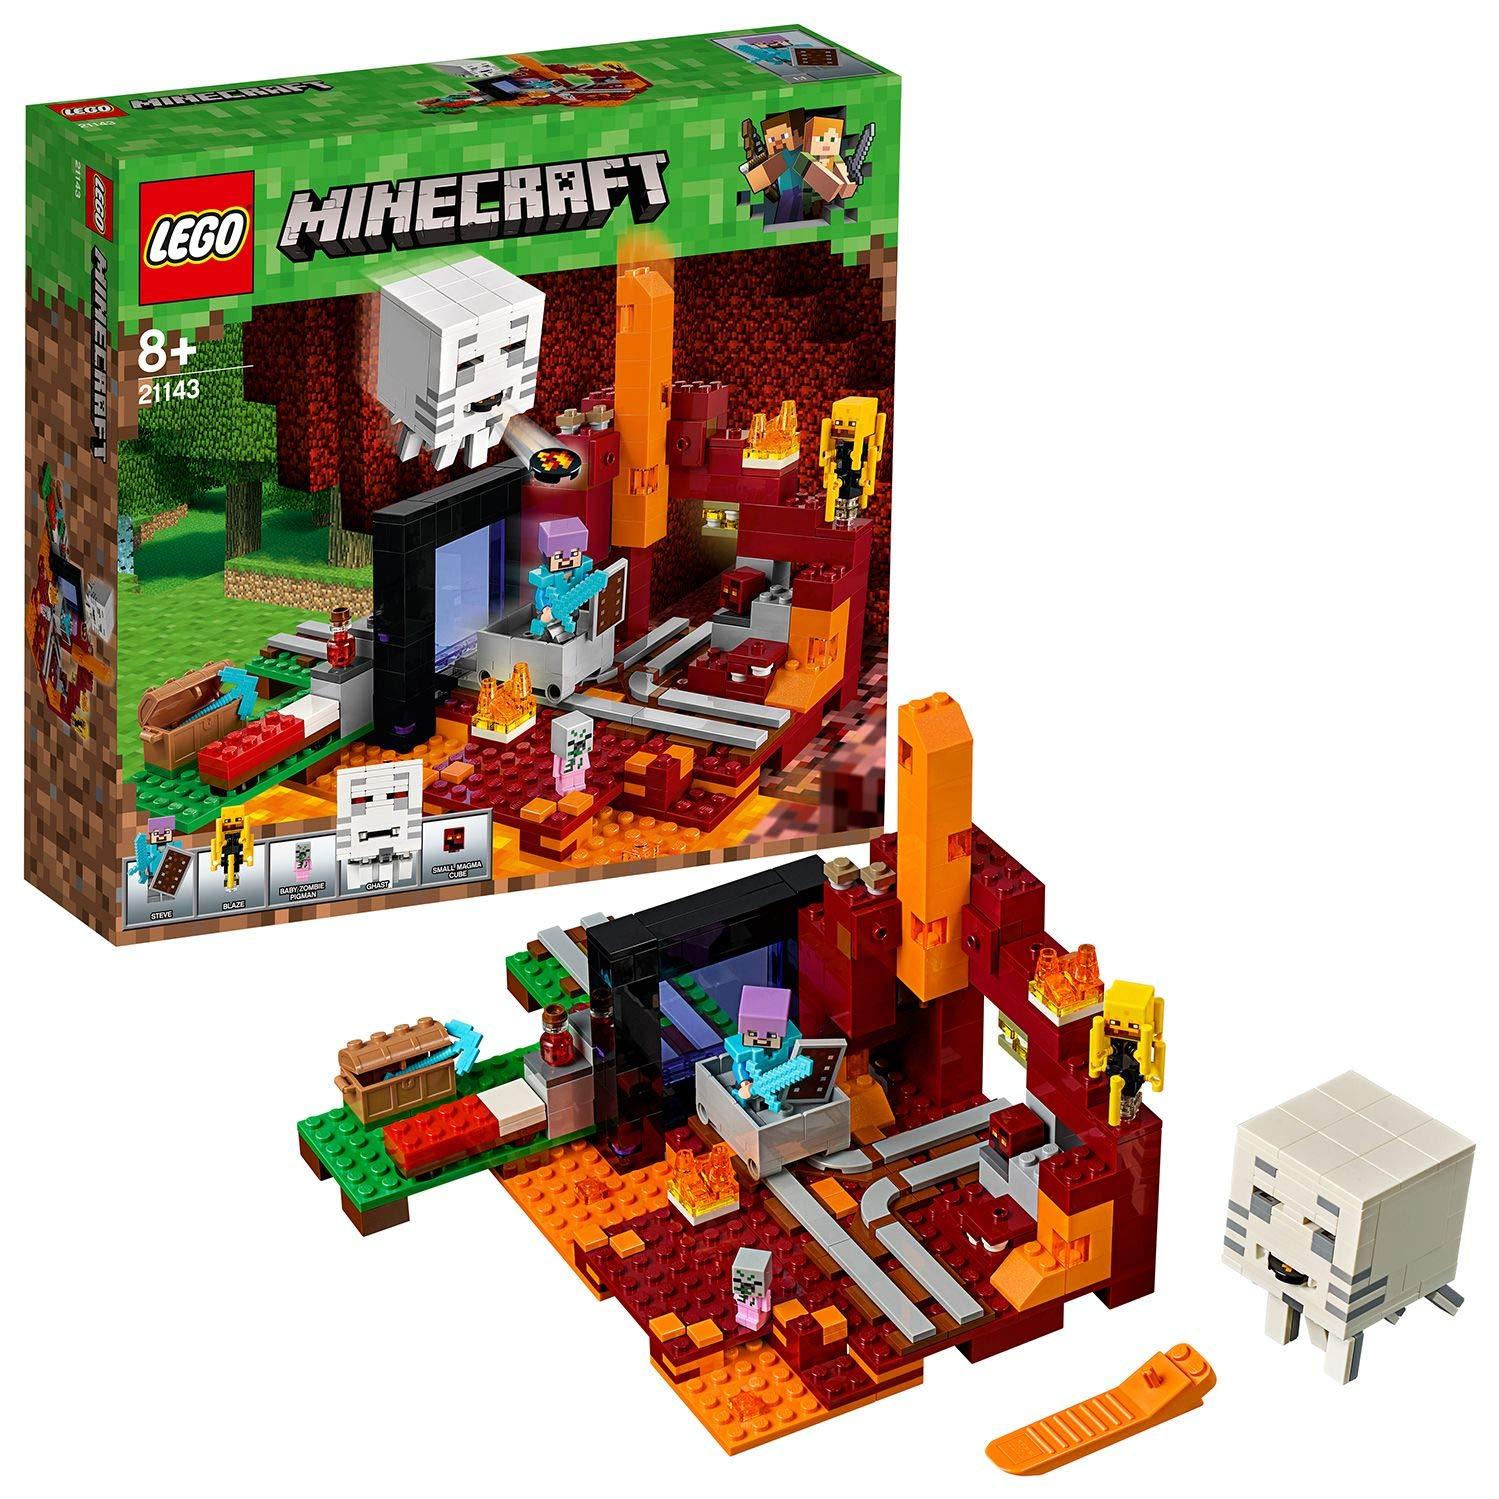 LEGO Minecraft - Portal al Infierno, Juguete de Construcción Educativo y Divertido del Videojuego para Niños y Niñas de más de 8 Años (21143)